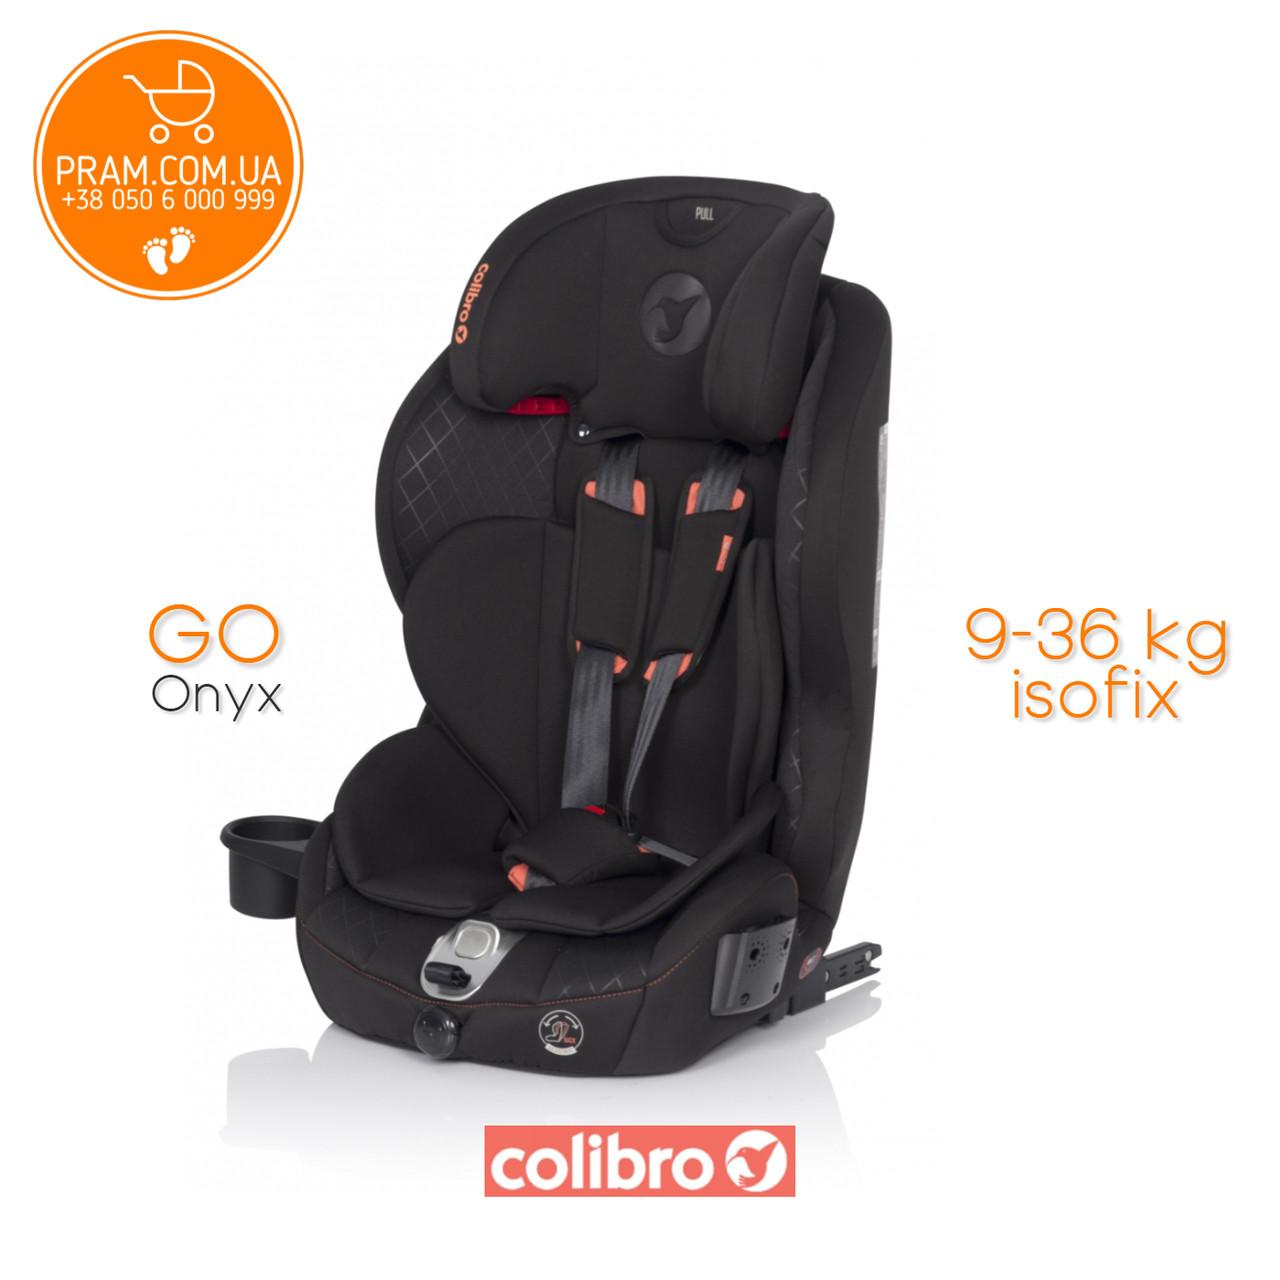 COLIBRO GOISOFIX 2019 автокресло группы 1-2-3 (9-36 kg) Onyx Черный, фото 1